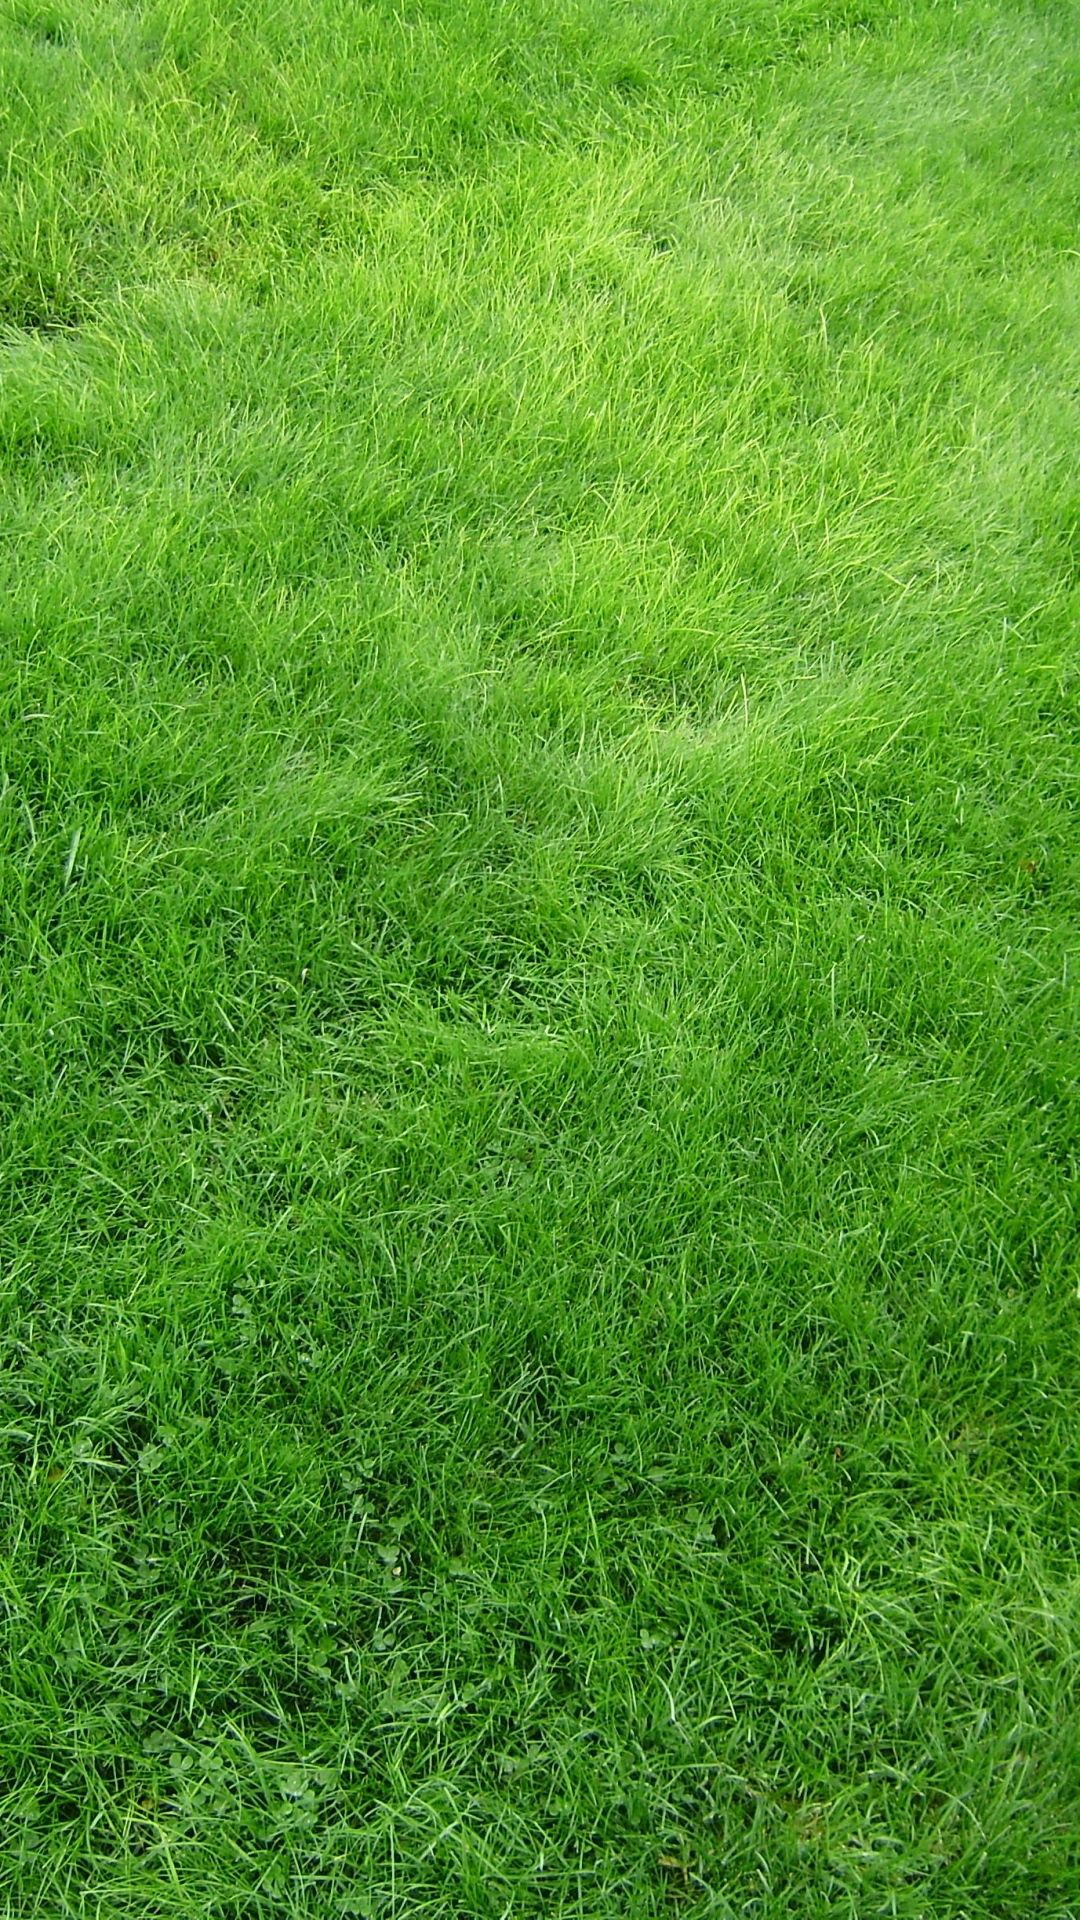 Texture Grass Field Green Iphone 8 Wallpapers Grass Wallpaper Field Wallpaper Green Wallpaper